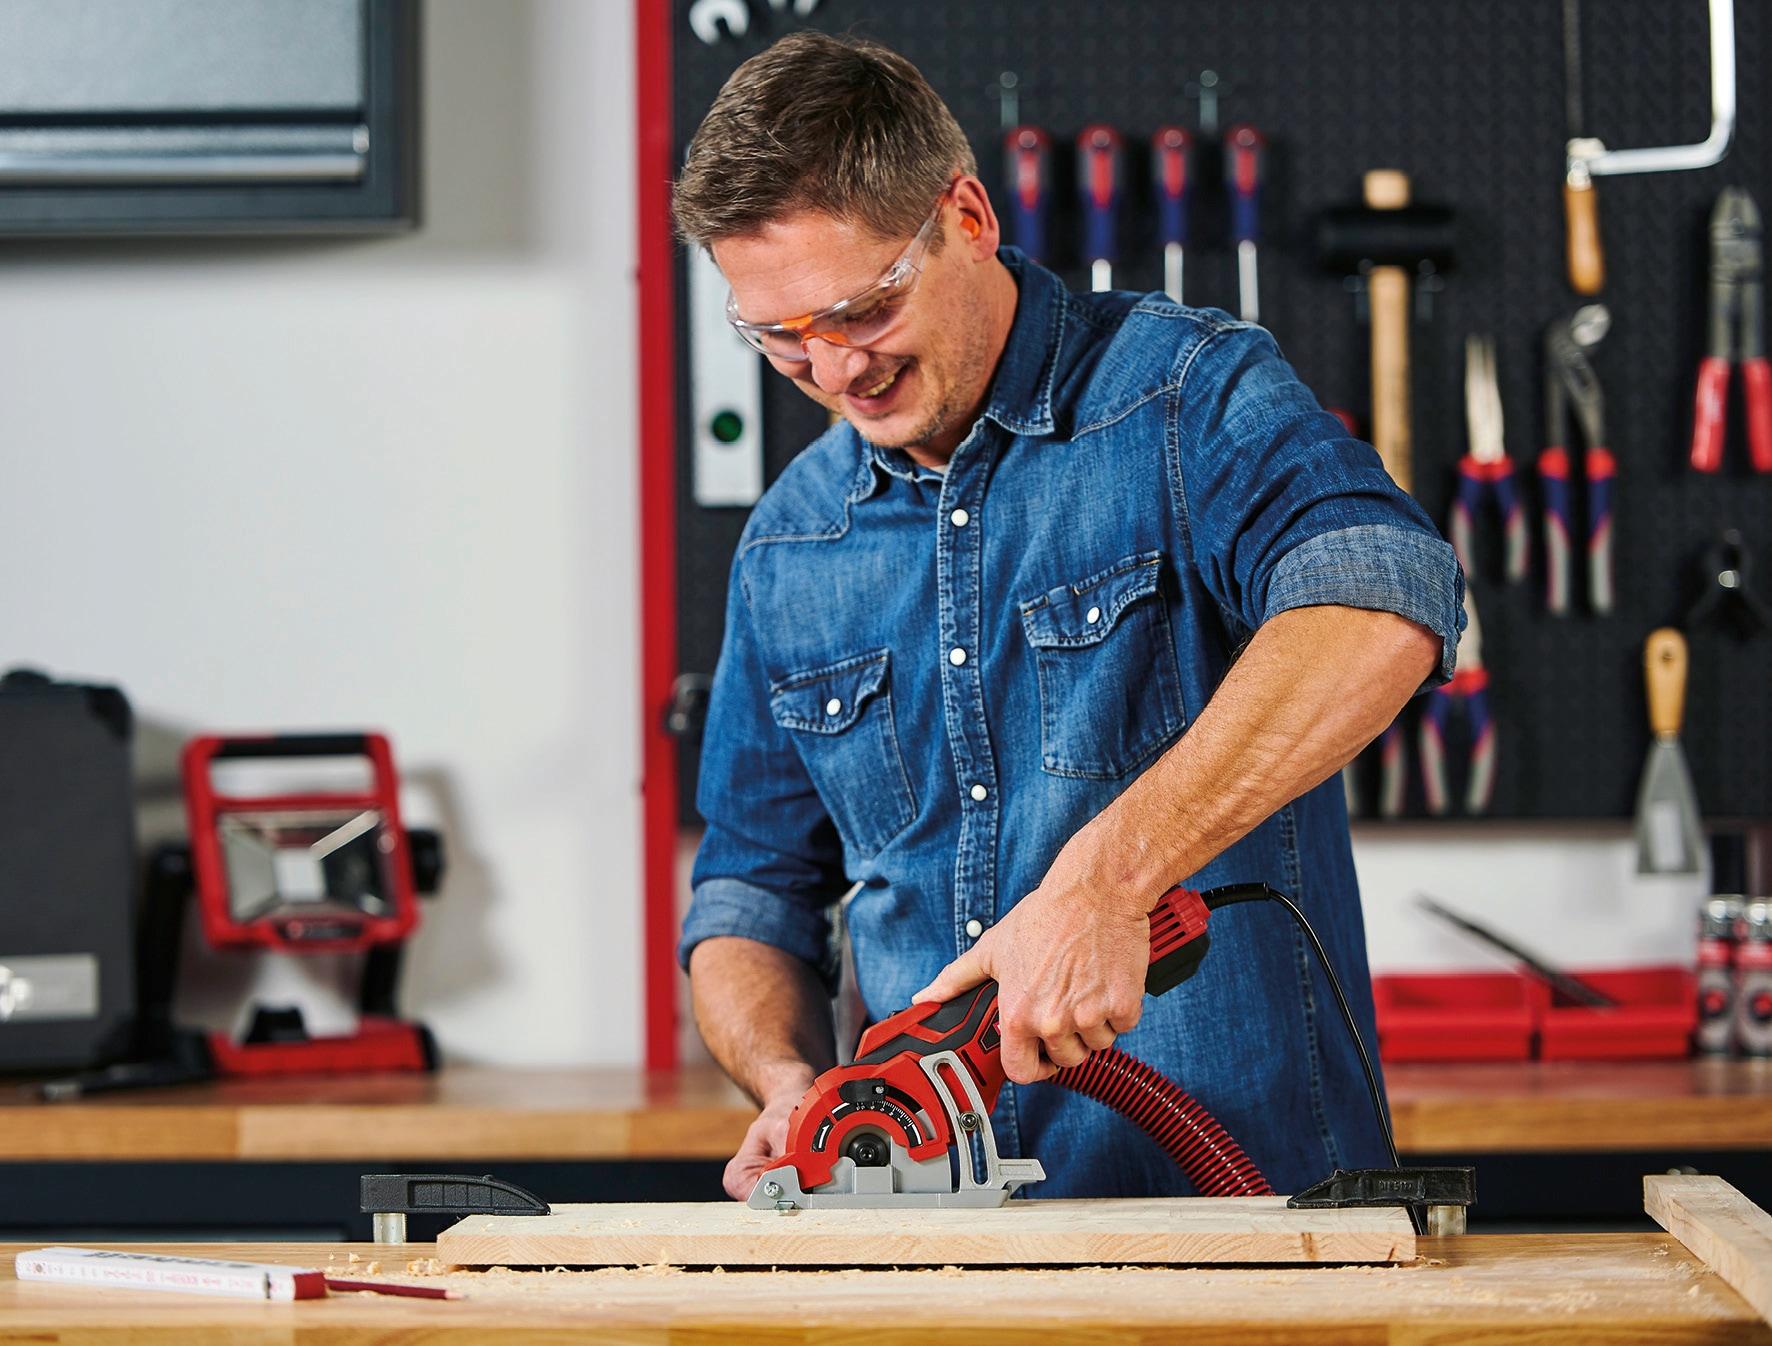 Einhell Handkreissäge Mini-Handkreissäge TC-CS 89 rot Sägen Werkzeug Maschinen